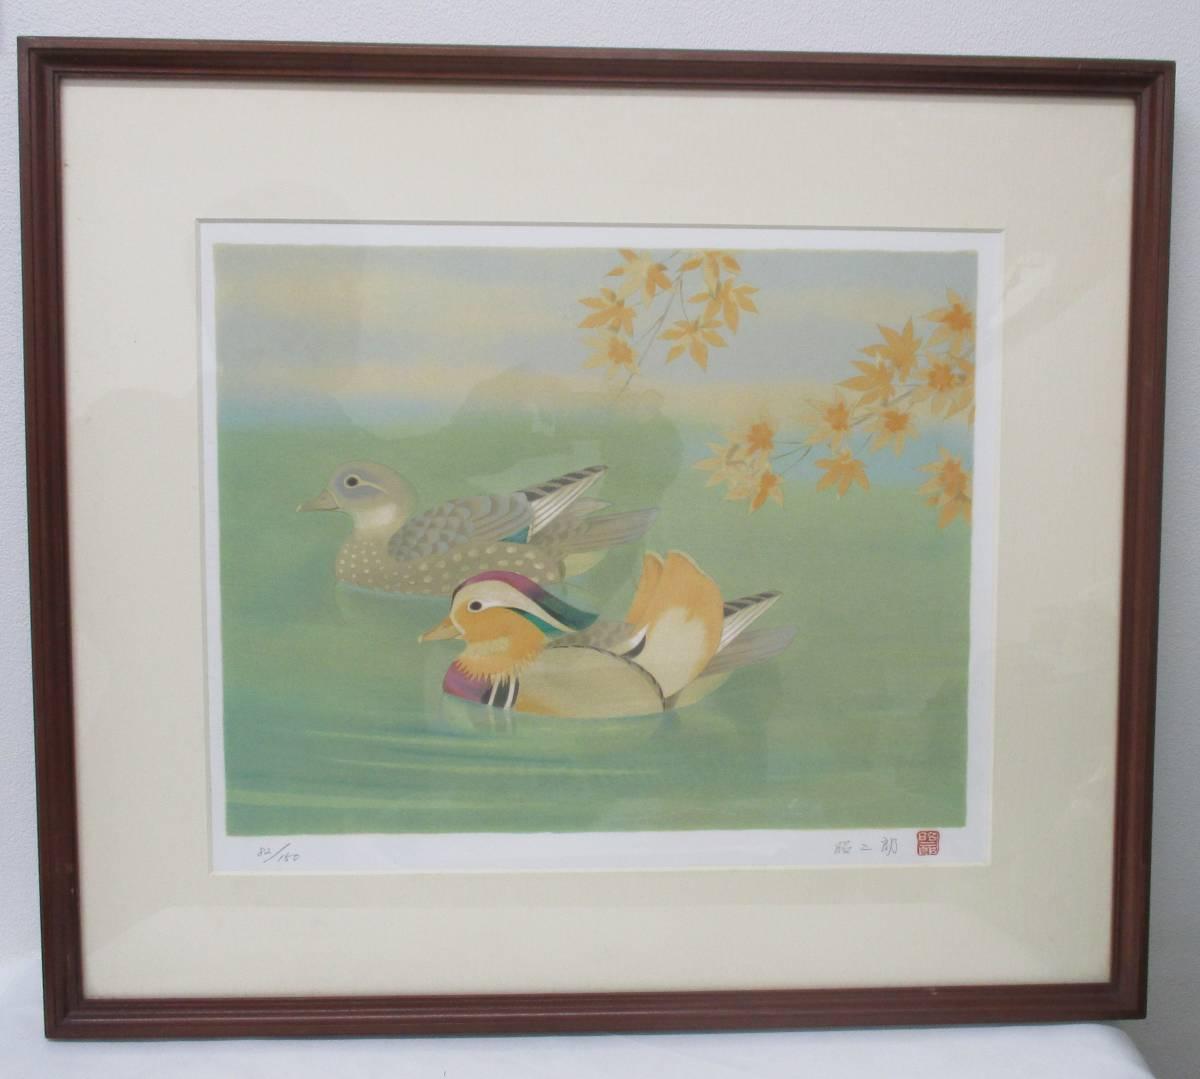 西村 昭二郎 筆 『鴛鴦』 リトグラフ 82/150 サイン有 額サイズ53cmx60.5cm_画像1